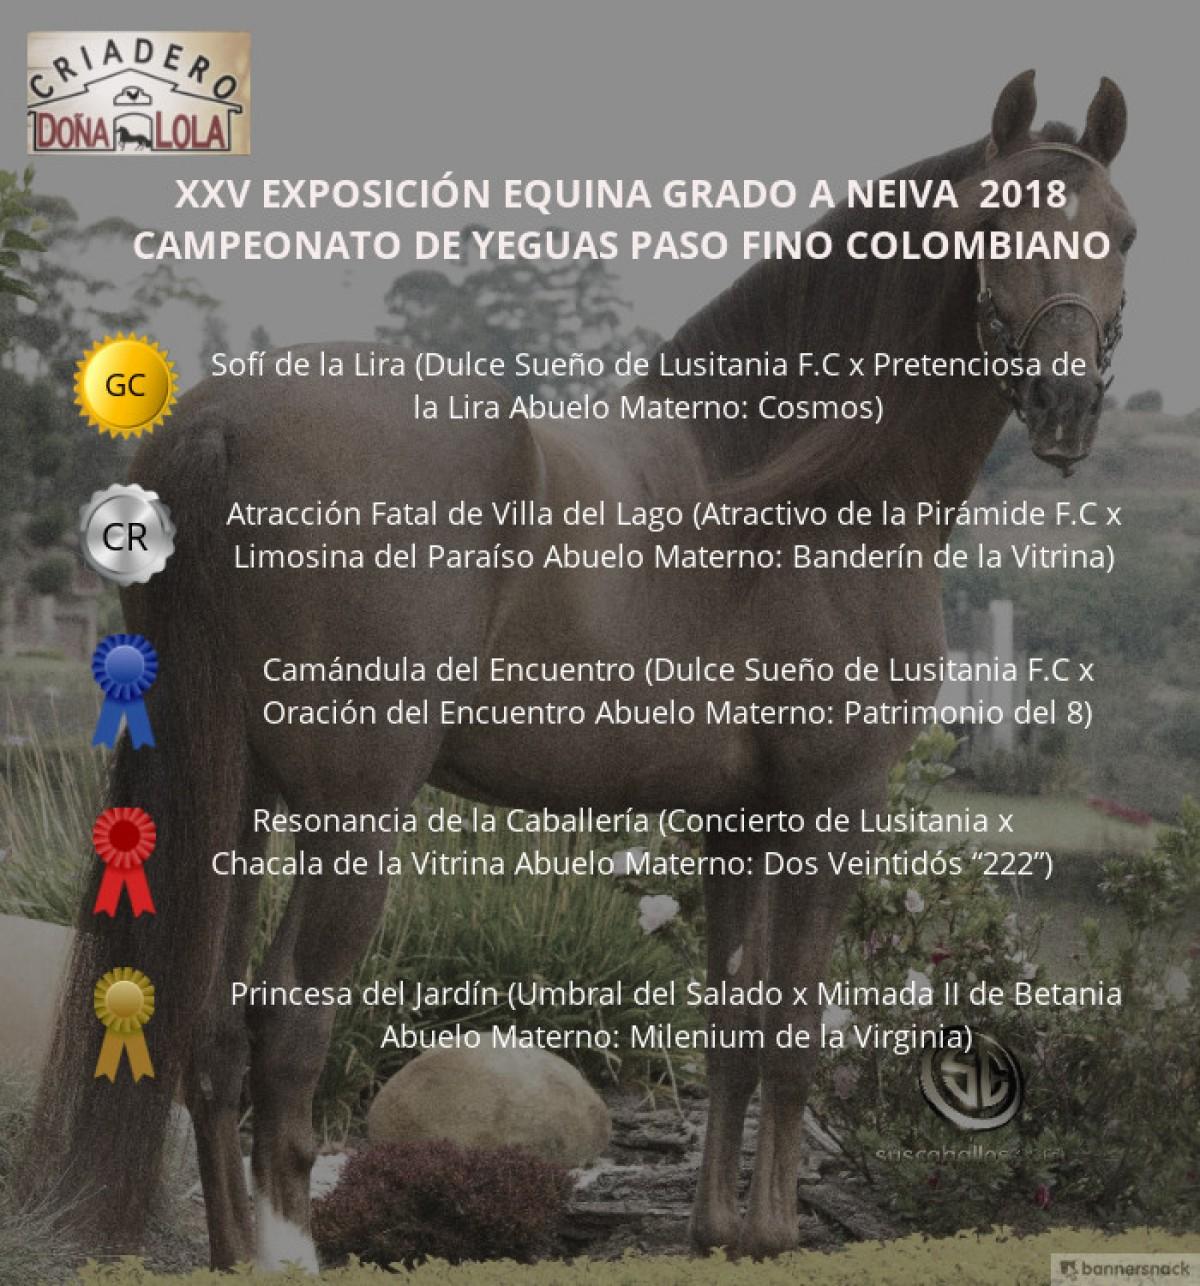 VÍDEO: Sofí Campeona, Atracción Reservada, Paso Fino Colombiano Neiva 2018